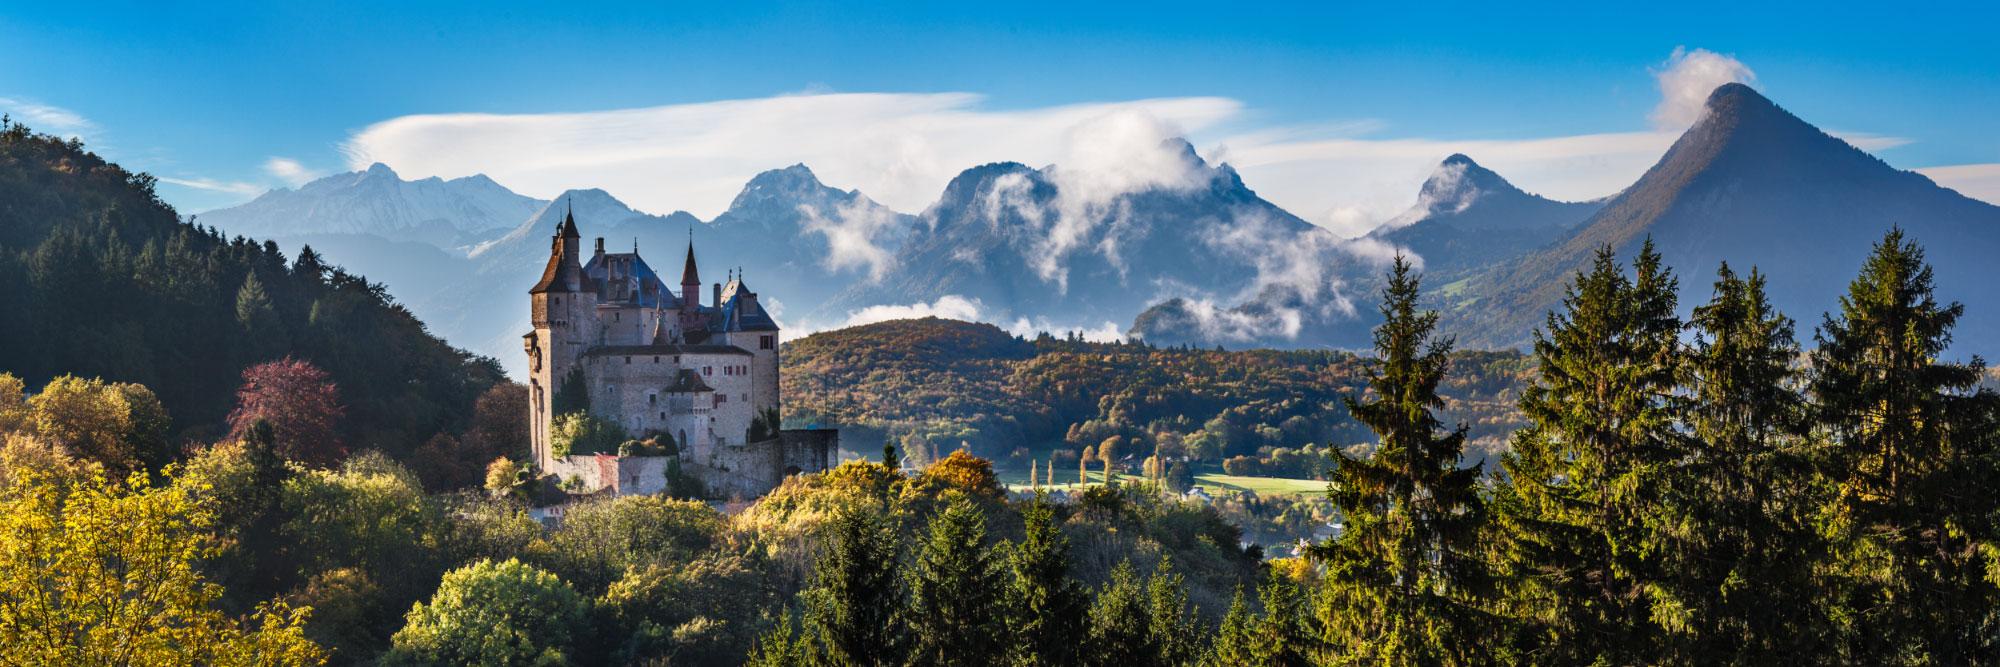 Le château de Menthon-Saint-Bernard devant le massif des Bauges